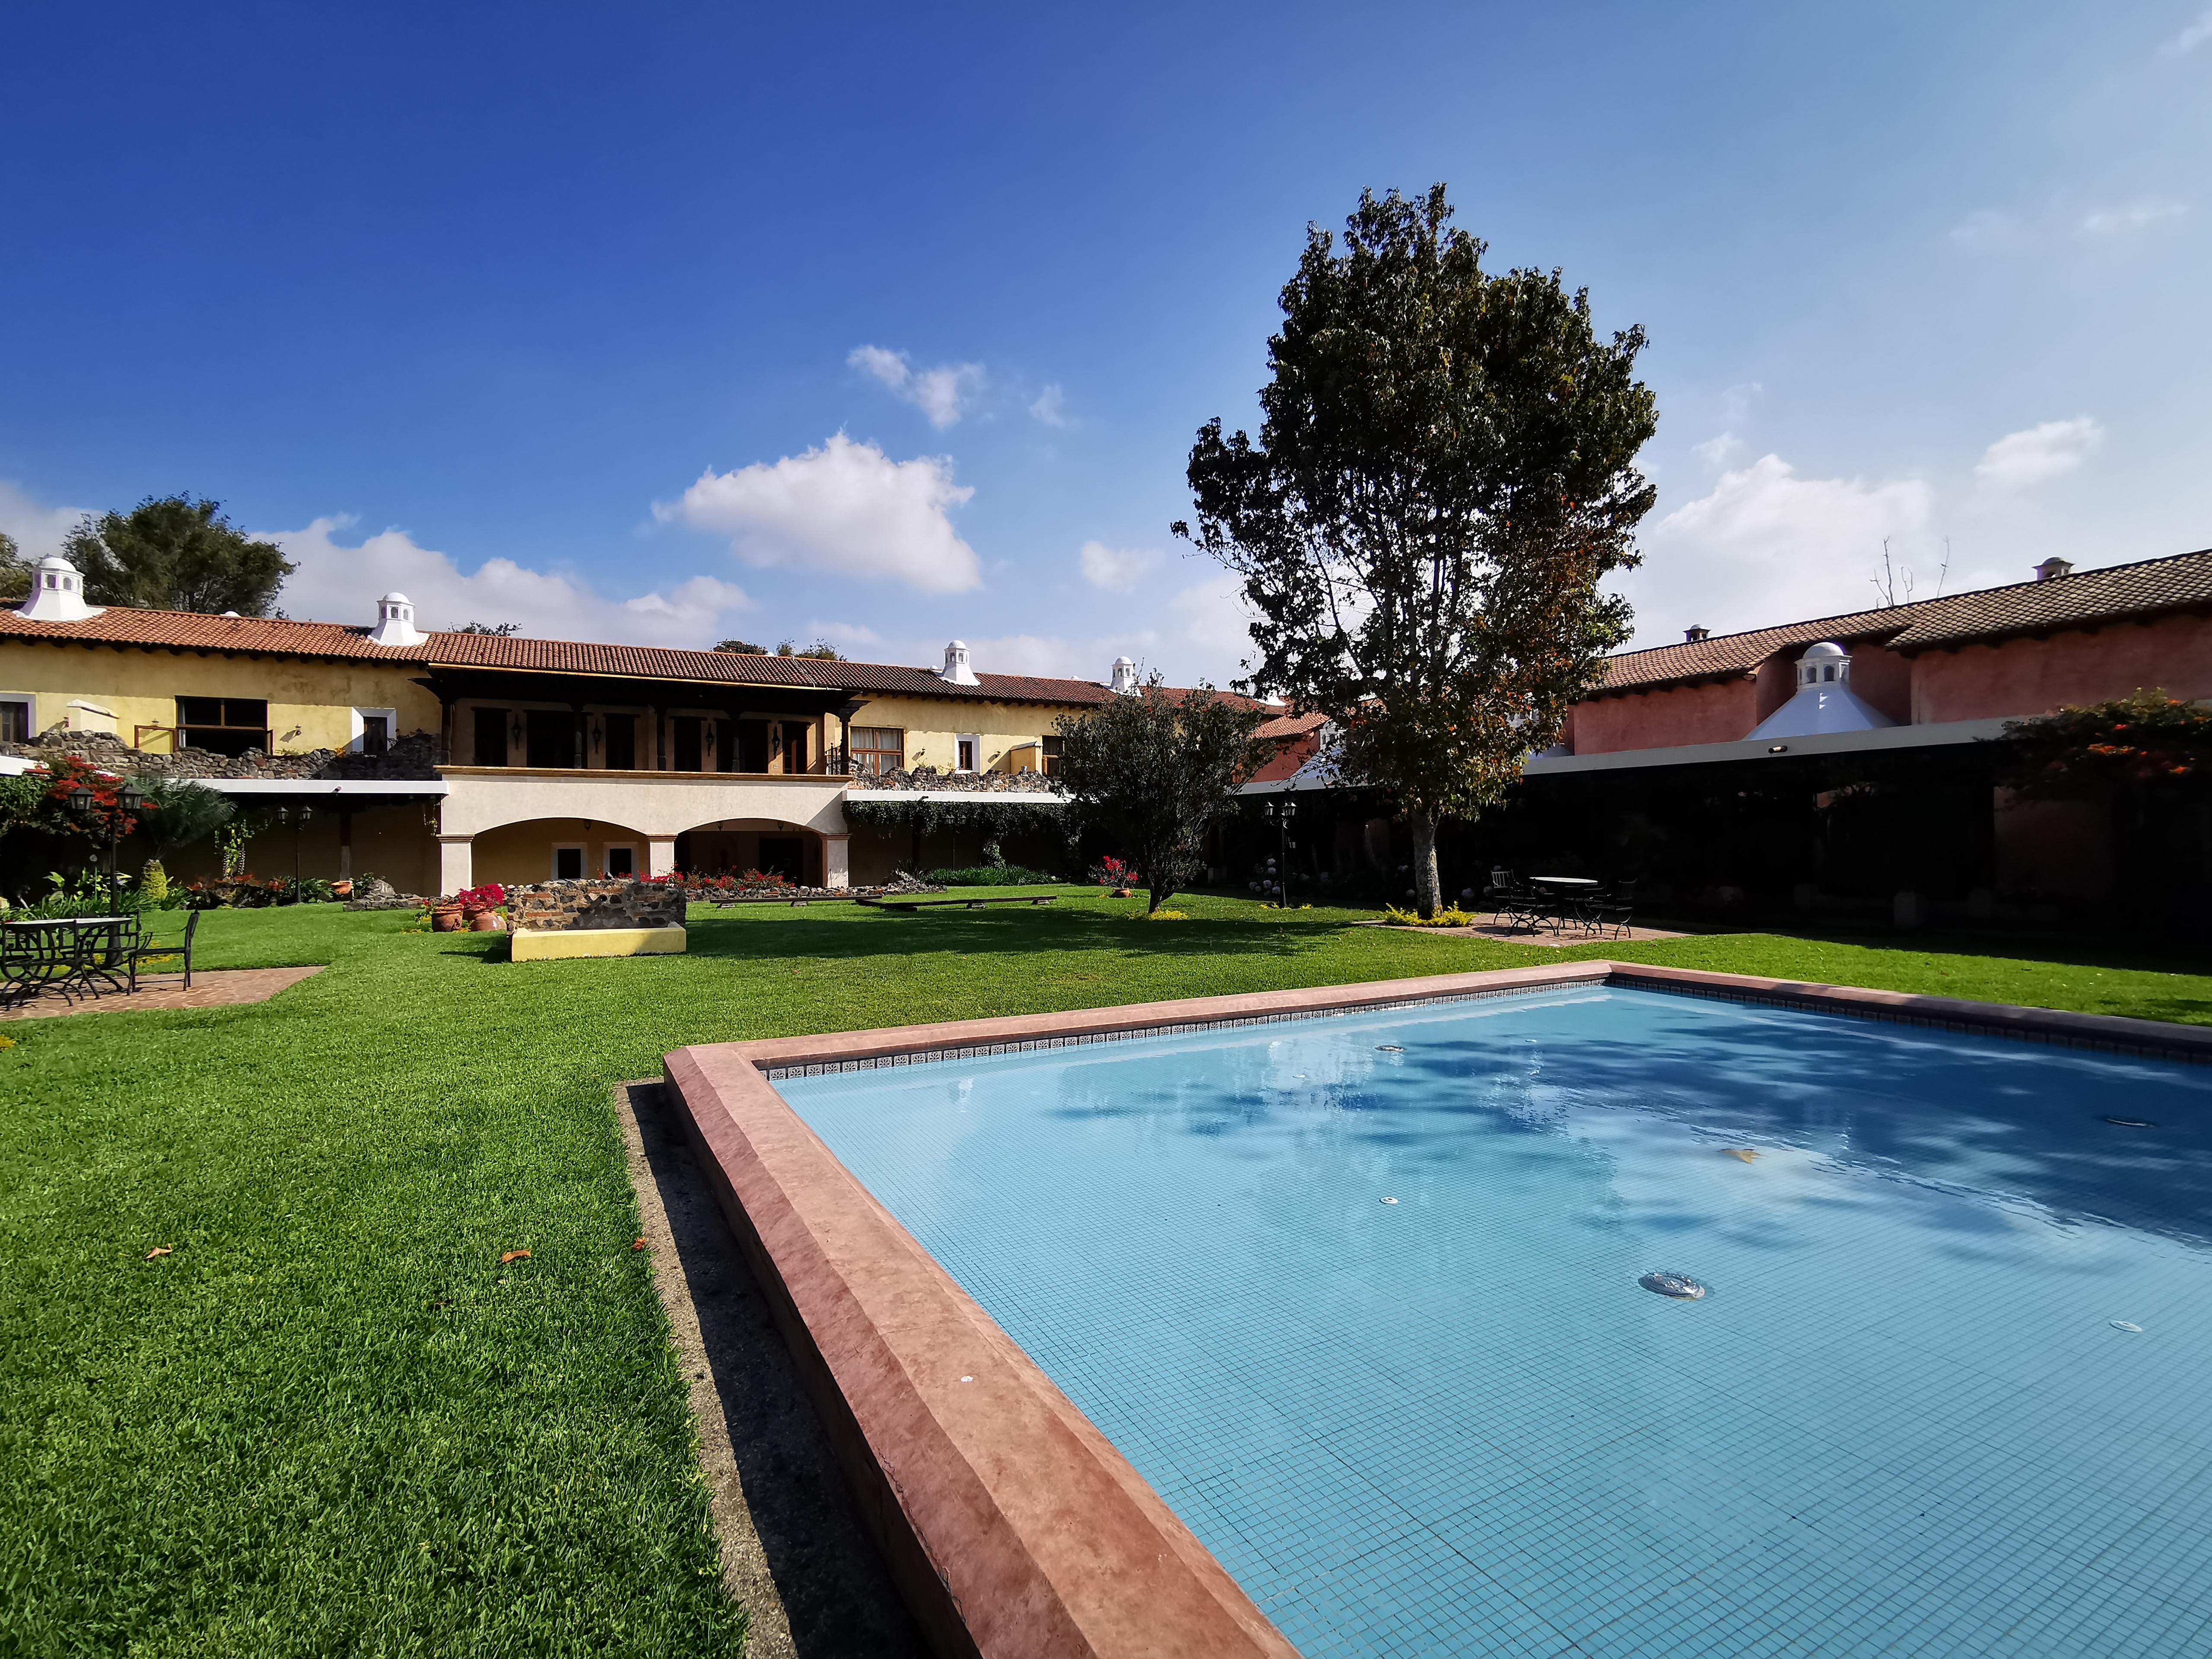 Alquilo o vendo preciosa casa dentro de exclusivo residencial en el centro Antigua